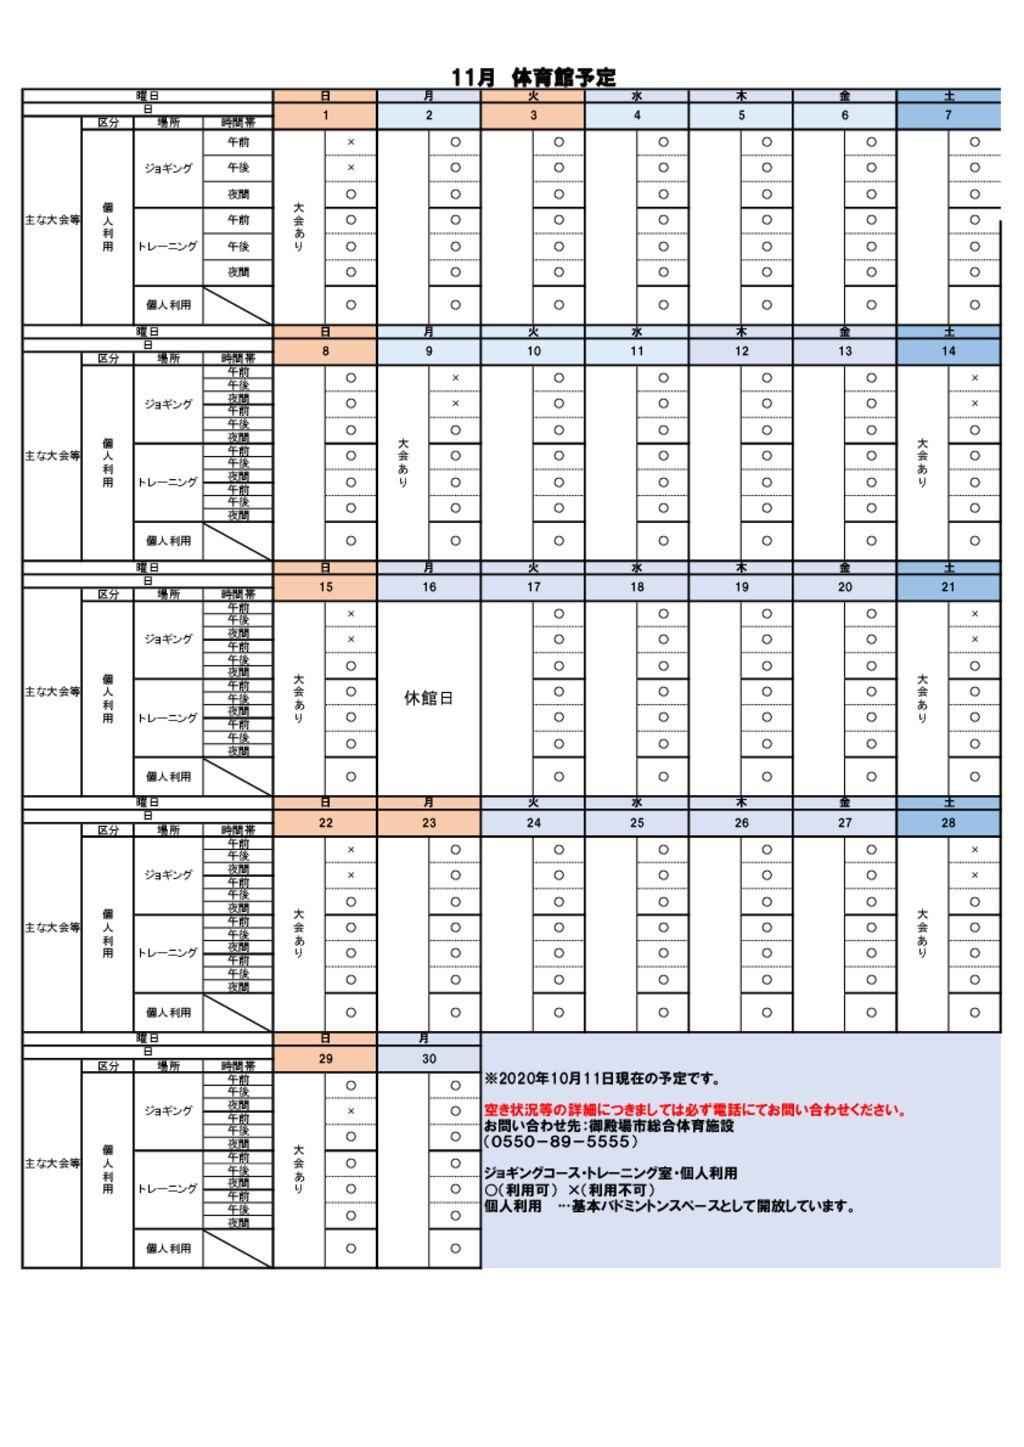 11月 体育館予定表のサムネイル